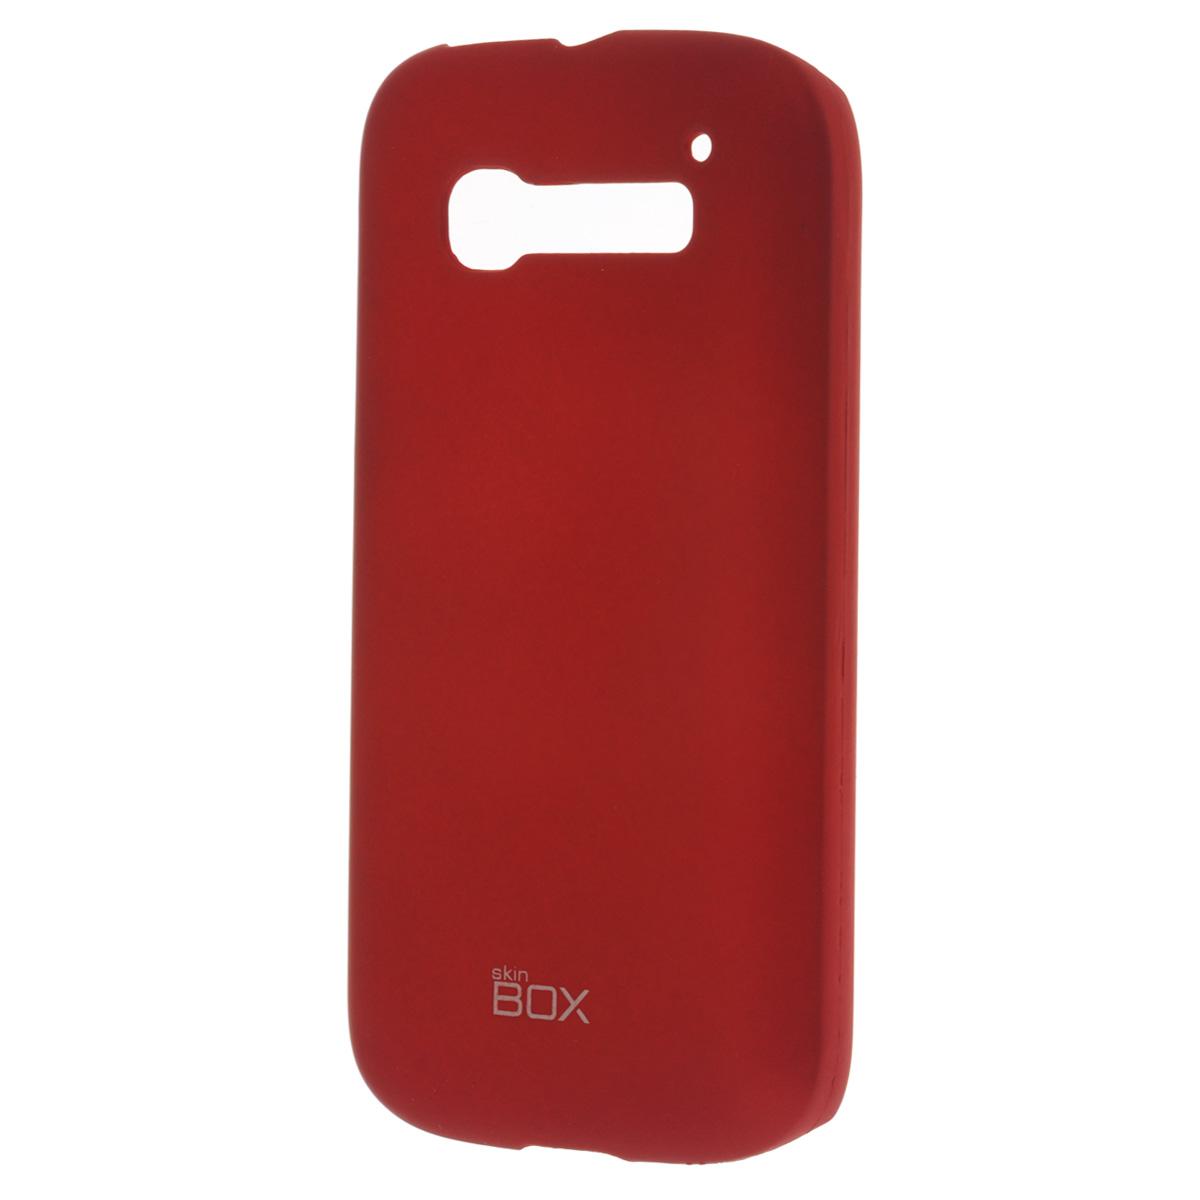 Skinbox Shield 4People чехол для Alcatel 5036D С5, RedT-S-A5036D-002Чехол Skinbox Shield 4People для Alcatel One Touch Pop C5 предназначен для защиты корпуса смартфона от механических повреждений и царапин в процессе эксплуатации. Имеется свободный доступ ко всем разъемам и кнопкам устройства. В комплект также входит защитная пленка на экран телефона.